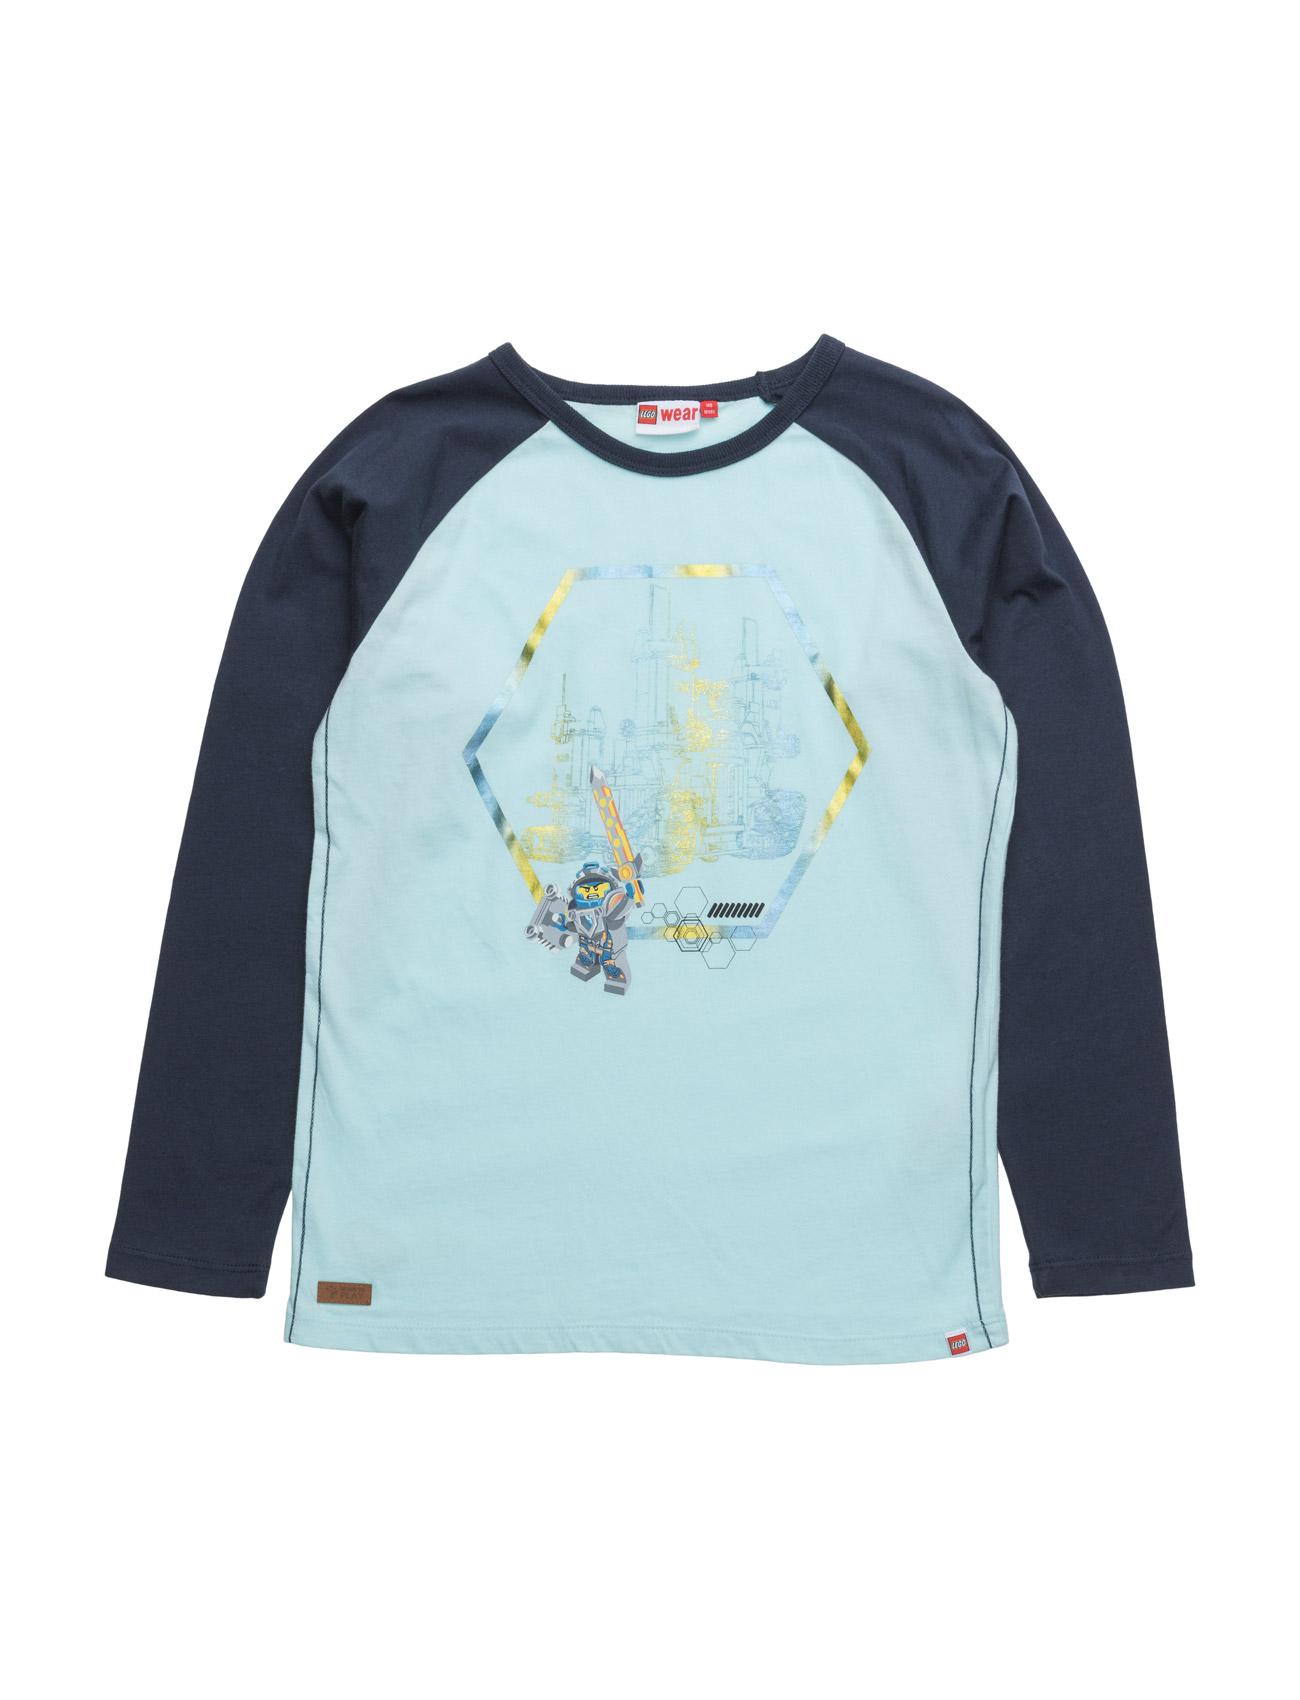 Teo 205 - T-Shirt L/S Lego wear Langærmede t-shirts til Børn i Lyseblå